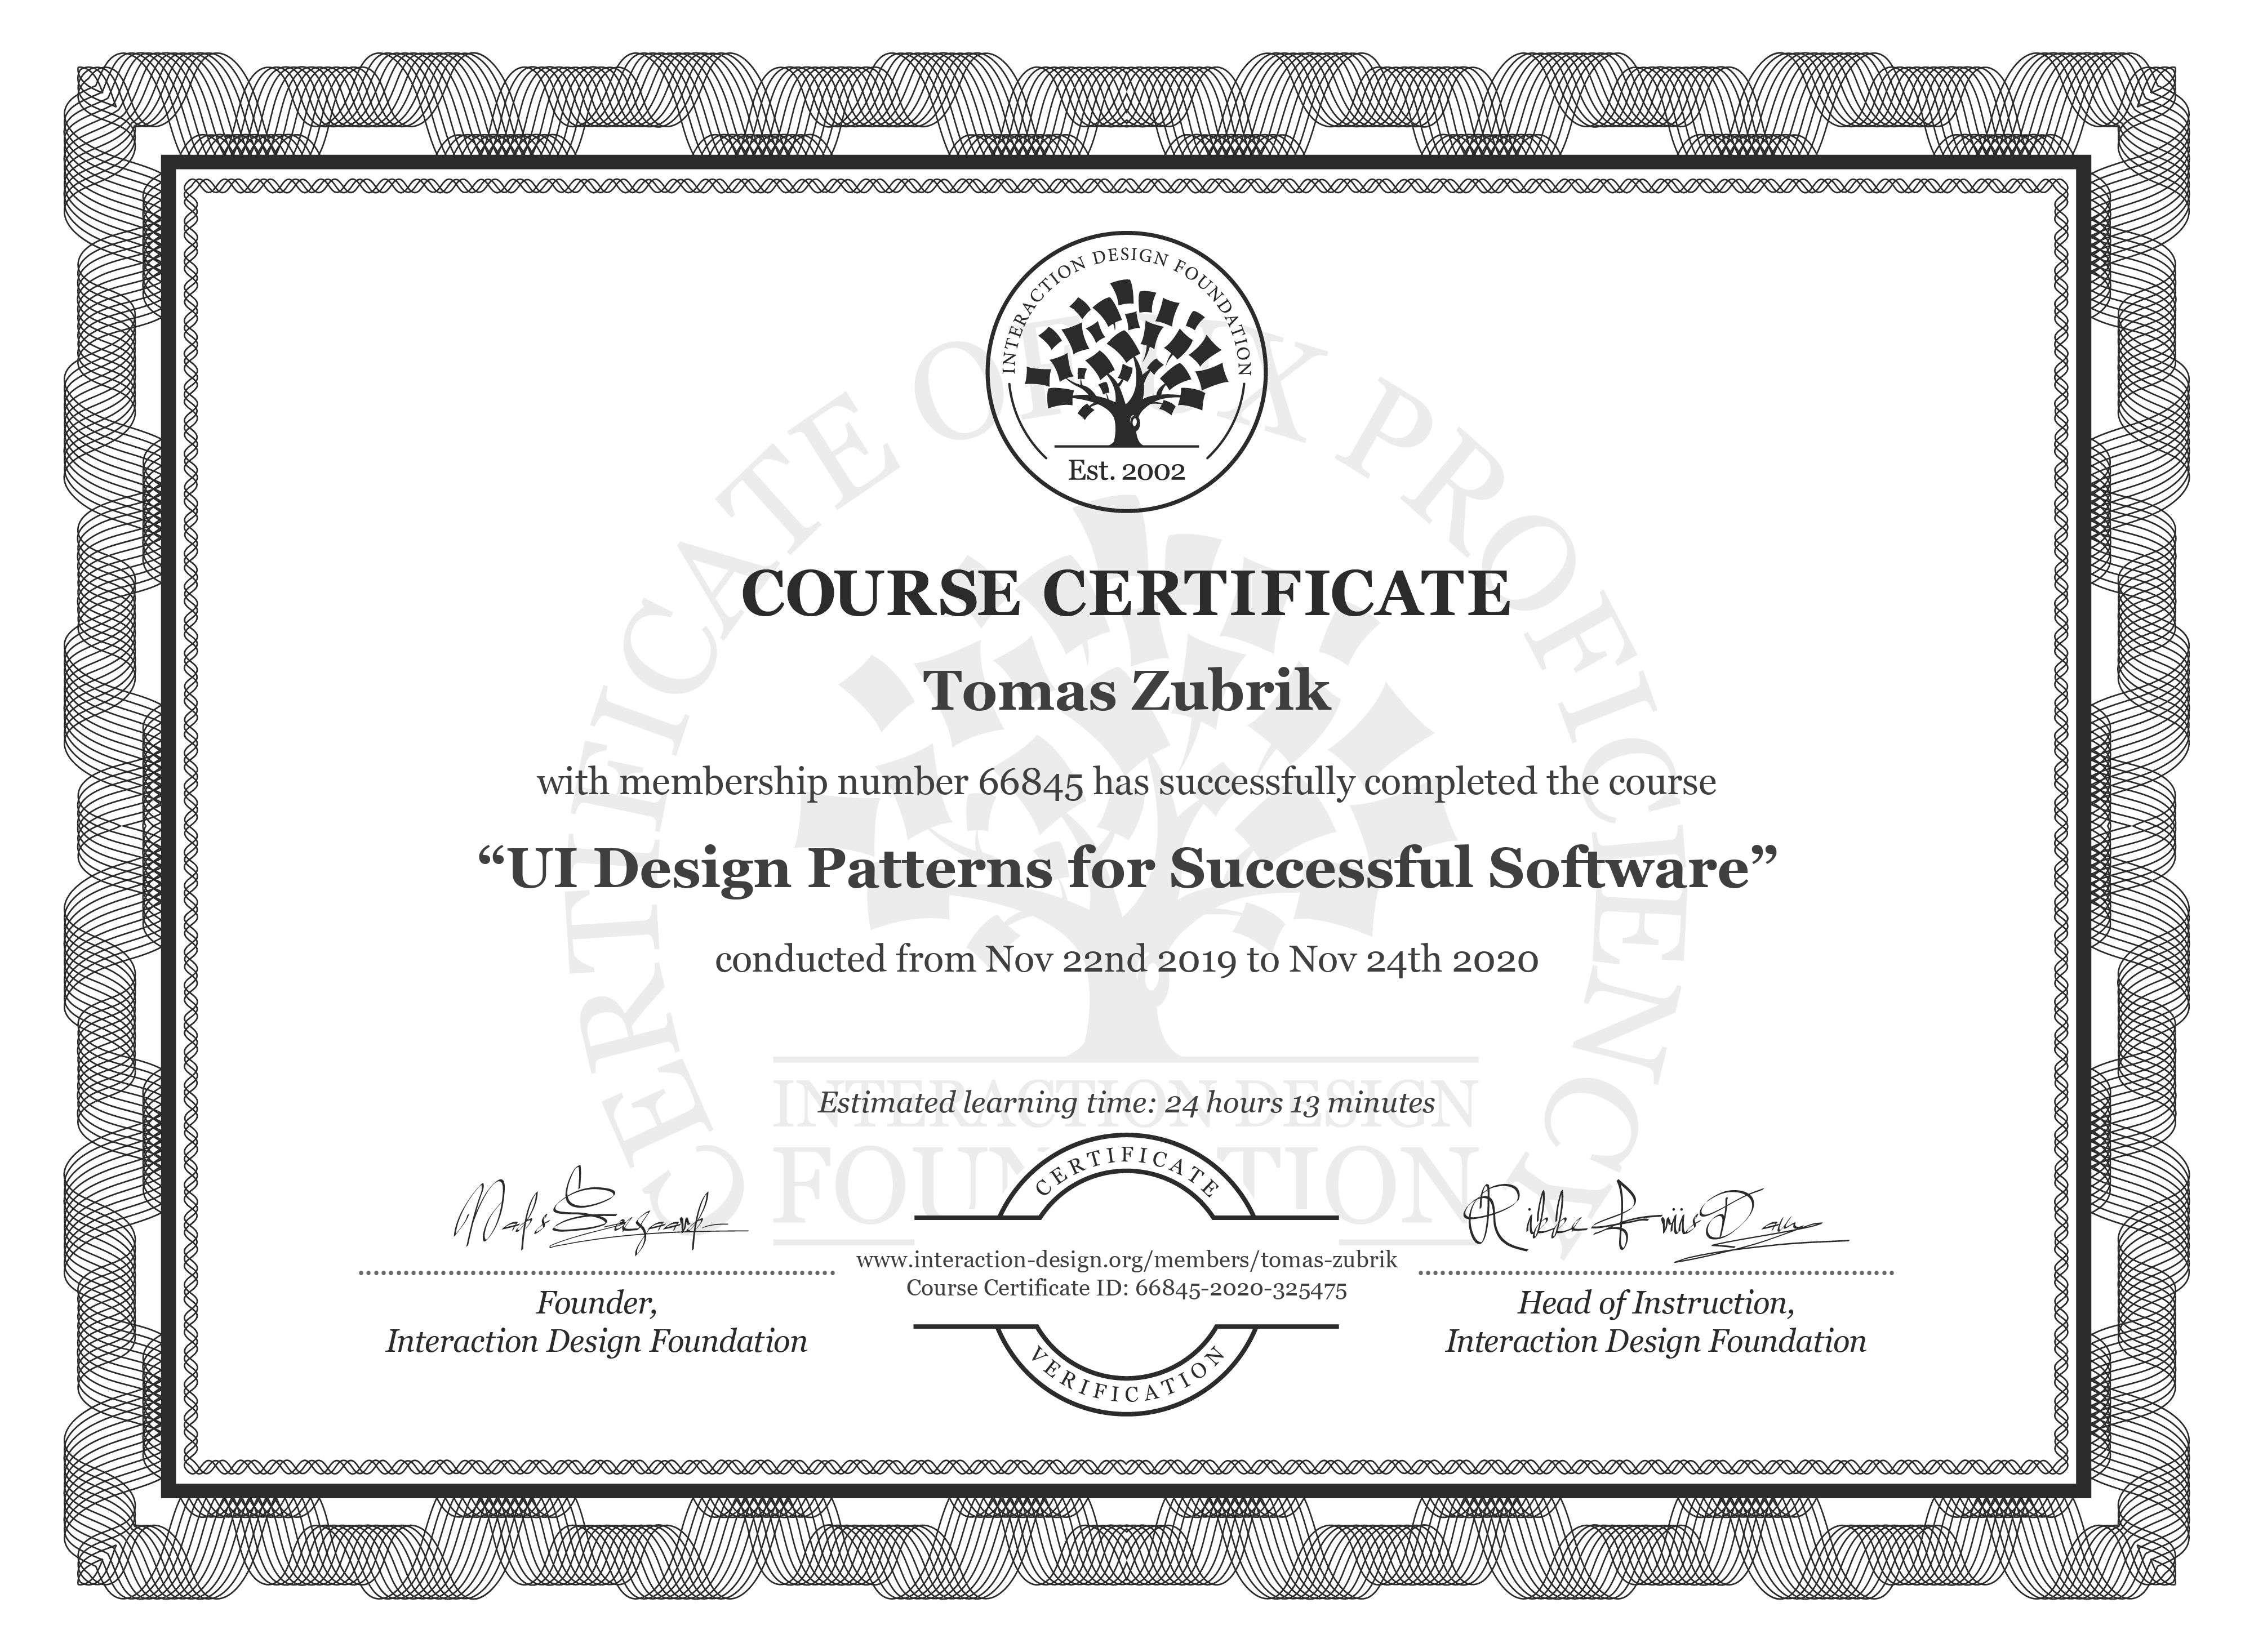 Tomáš Zúbrik's Course Certificate: UI Design Patterns for Successful Software